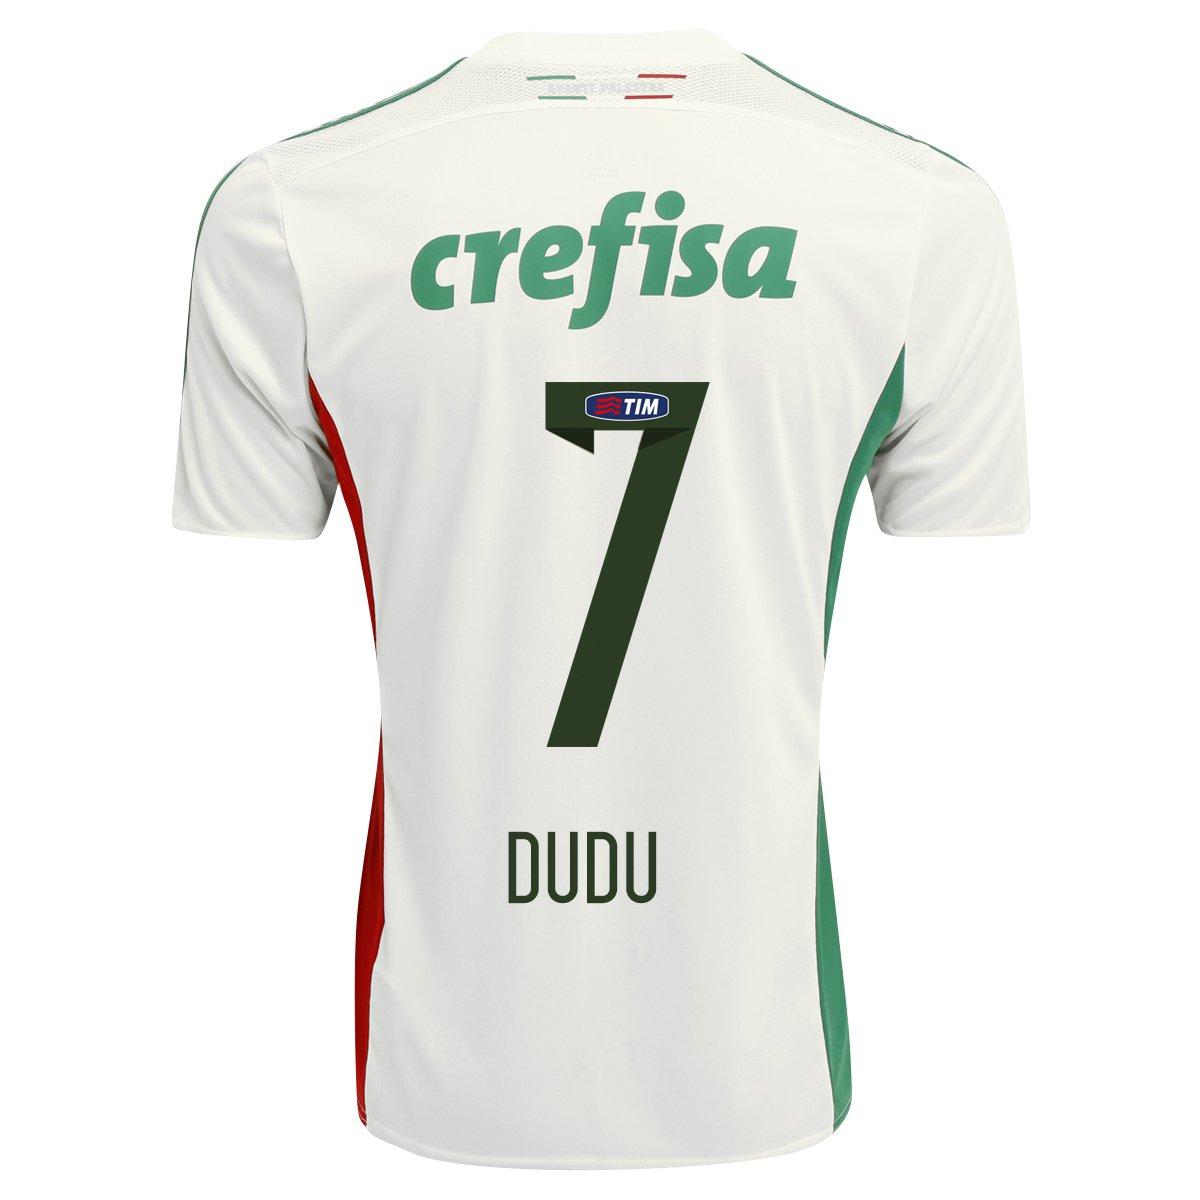 Camisa Adidas Palmeiras II 15 16 nº 7 - Dudu - Compre Agora  98df15556497d